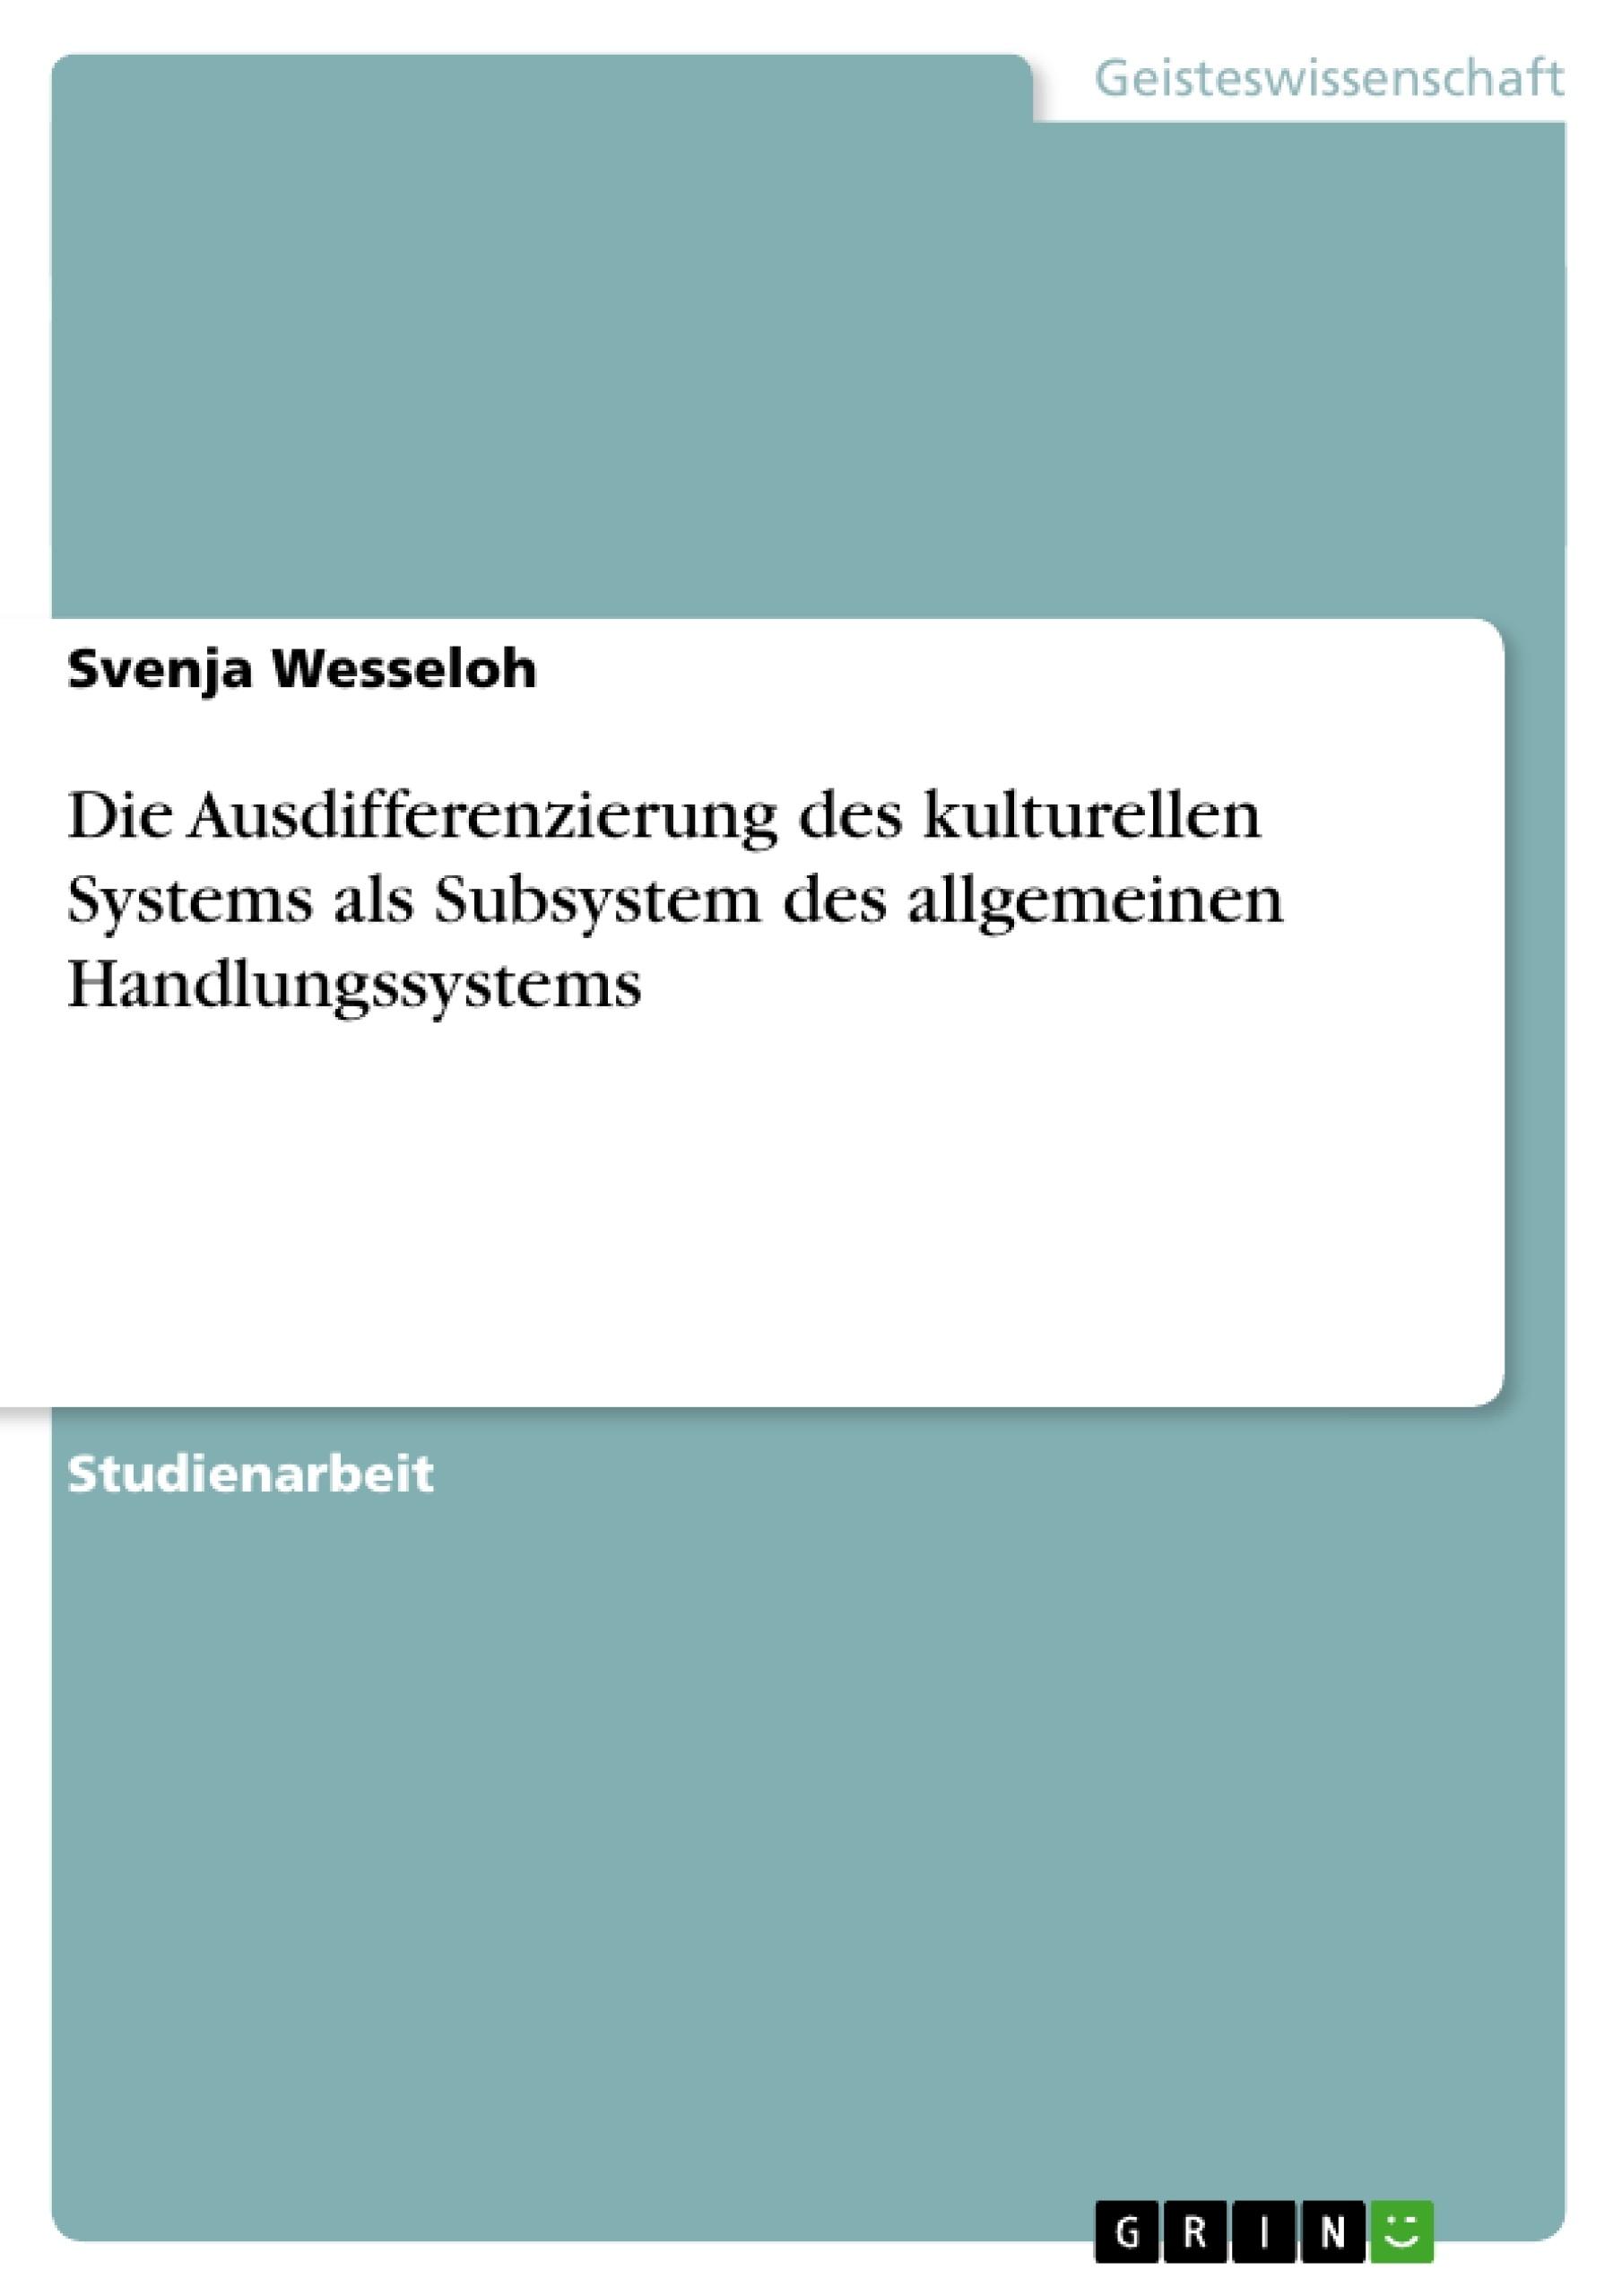 Titel: Die Ausdifferenzierung des kulturellen Systems als Subsystem des allgemeinen Handlungssystems